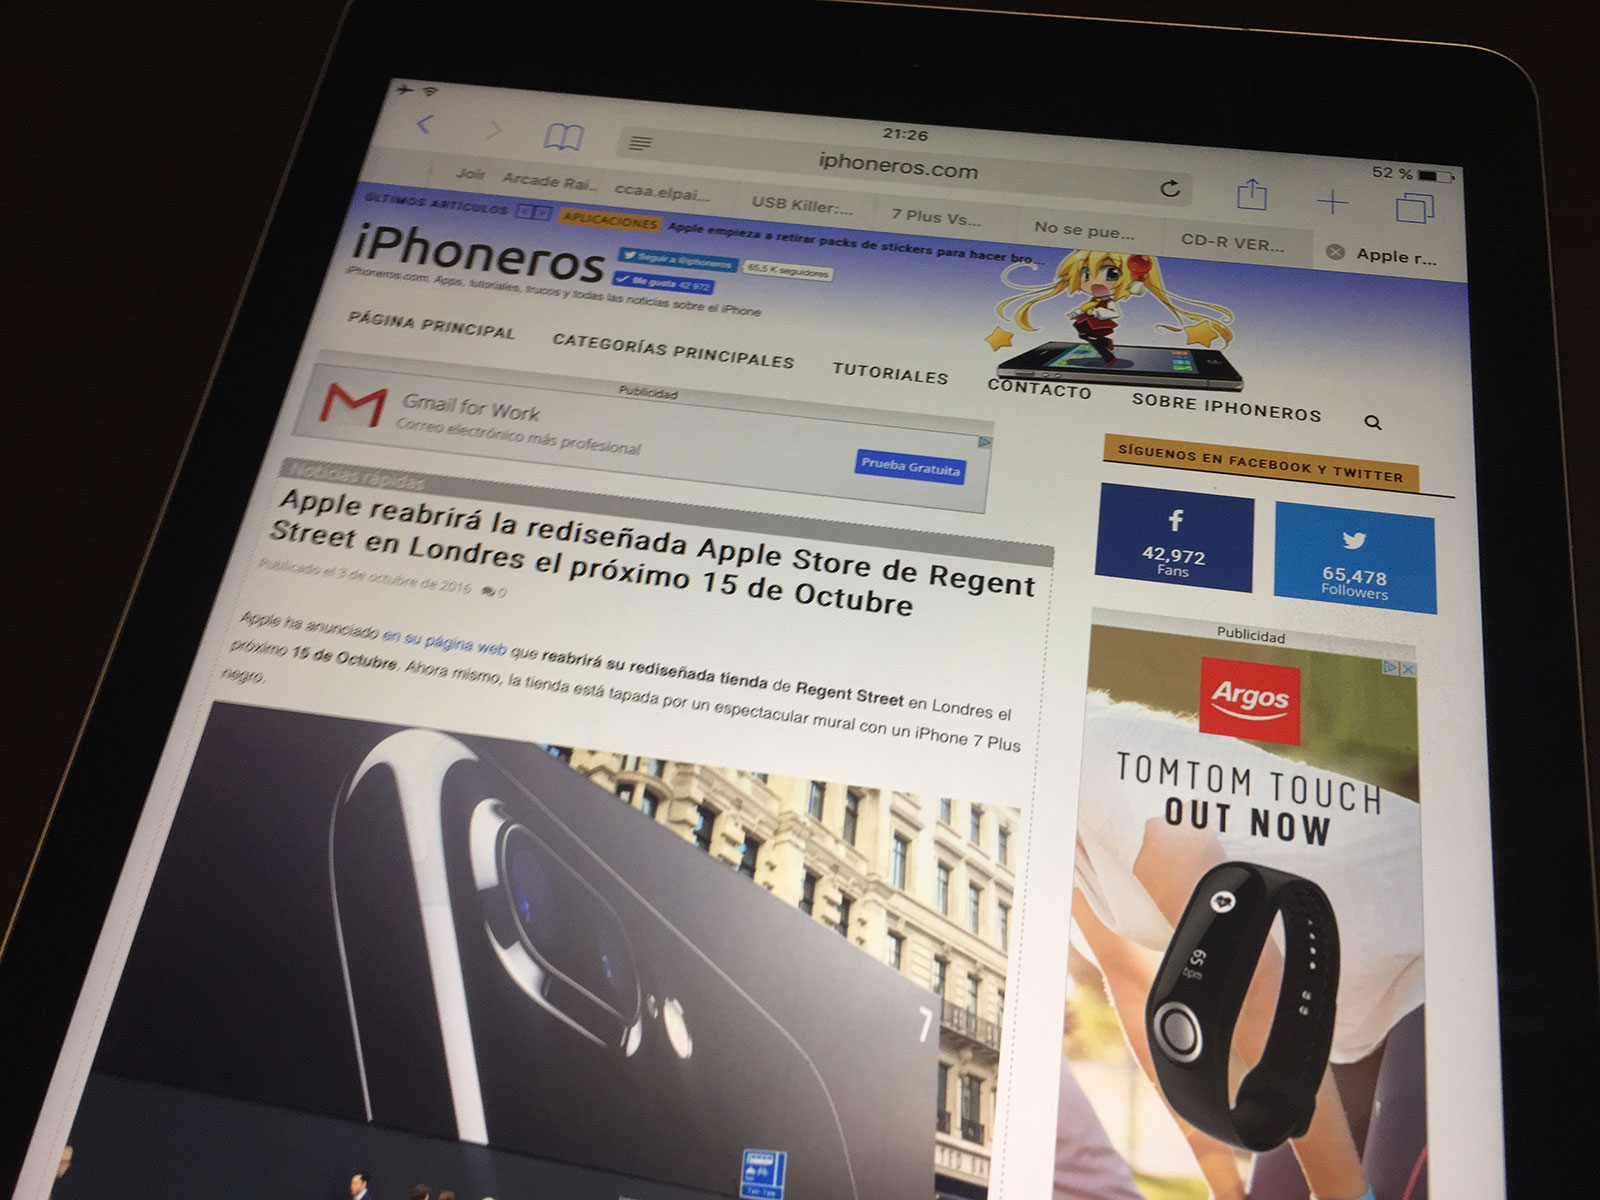 iPad Pro de 9,7 pulgadas con iPhoneros.com cargado